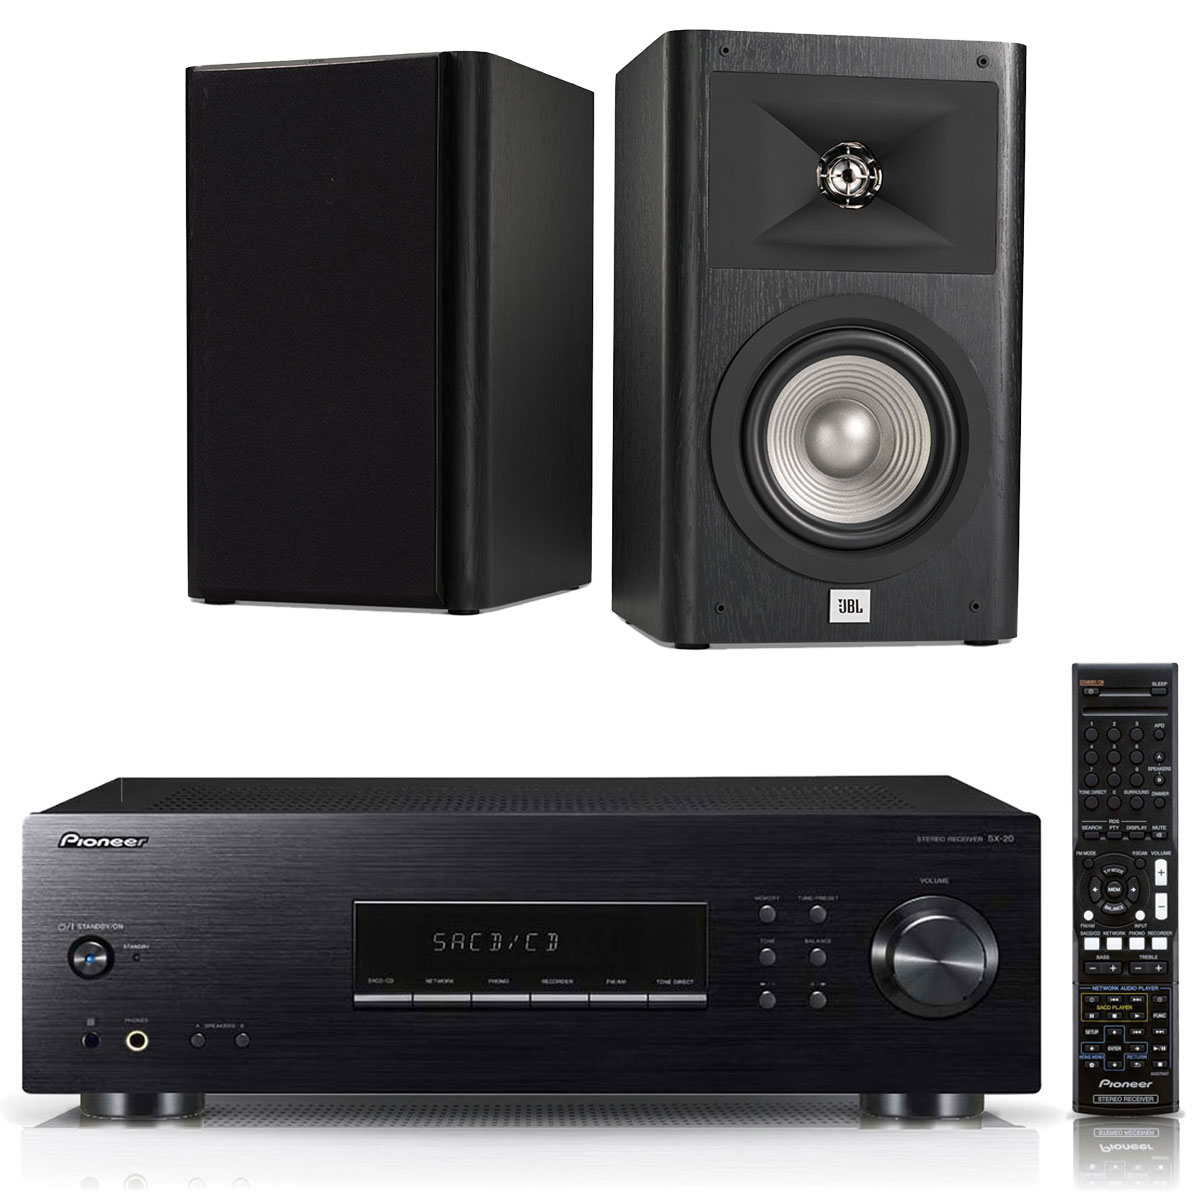 Ensemble Hifi Pioneer SX-20-K + JBL Studio 230 Noir Amplificateur stéréo intégré 2 x 100 W + Enceinte bibliothèque 2 voies 16.5 cm (par paire)